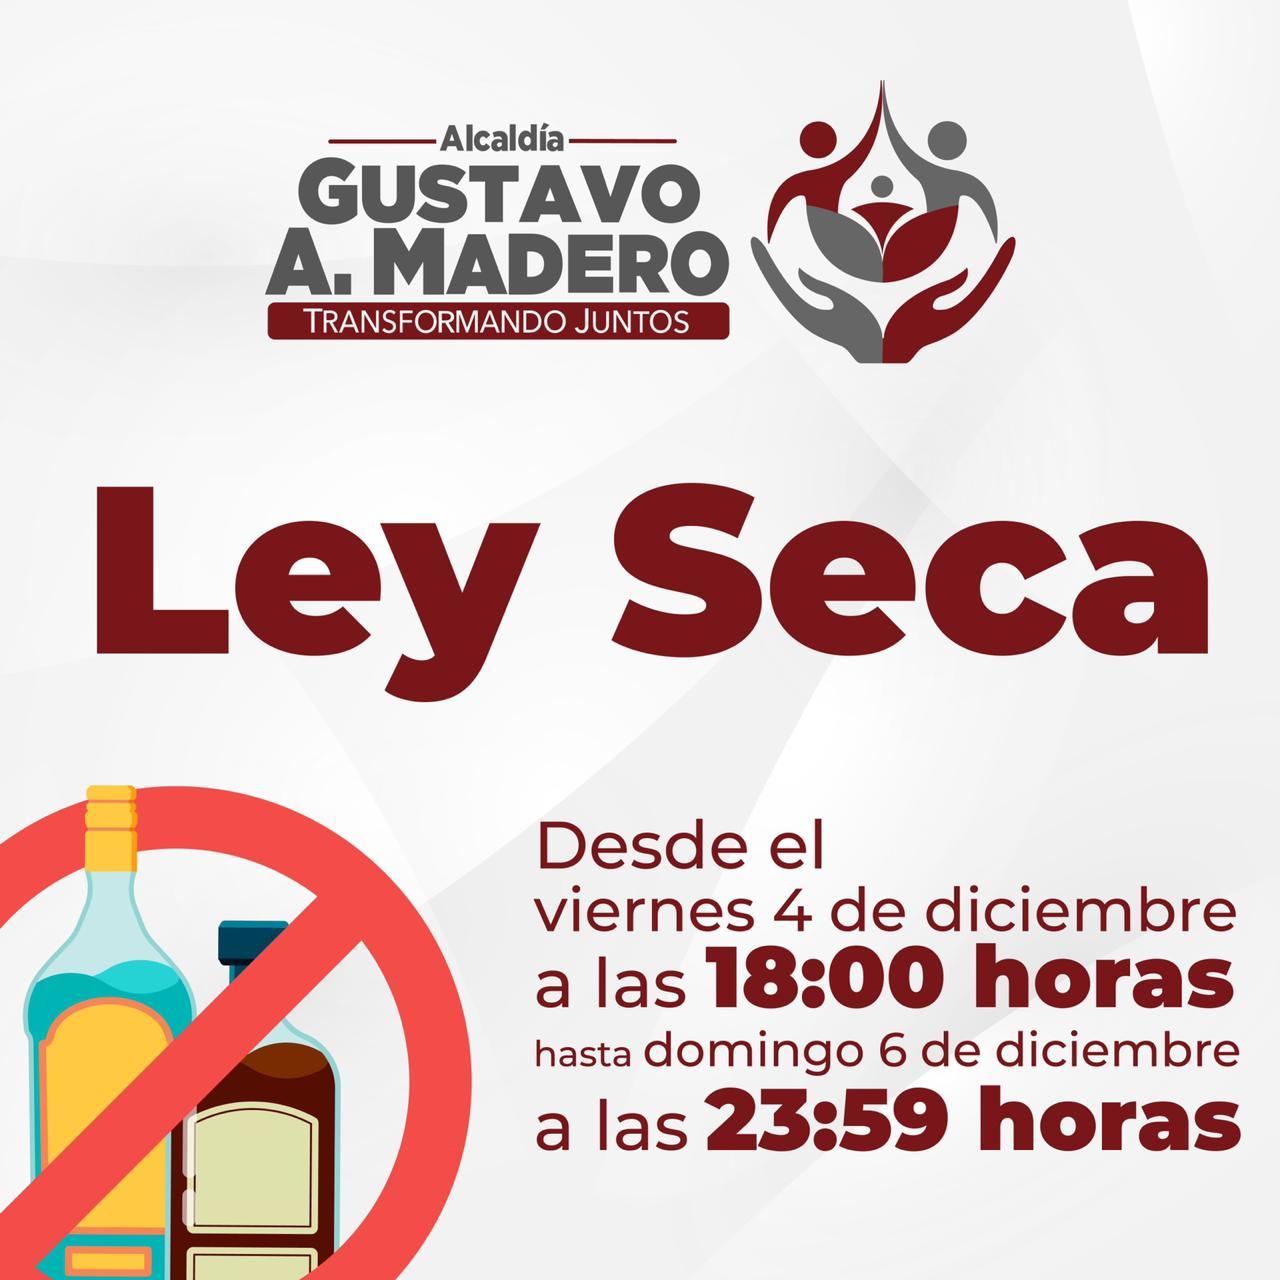 Ley SecA en la alcaldía Gustavo A. Madero